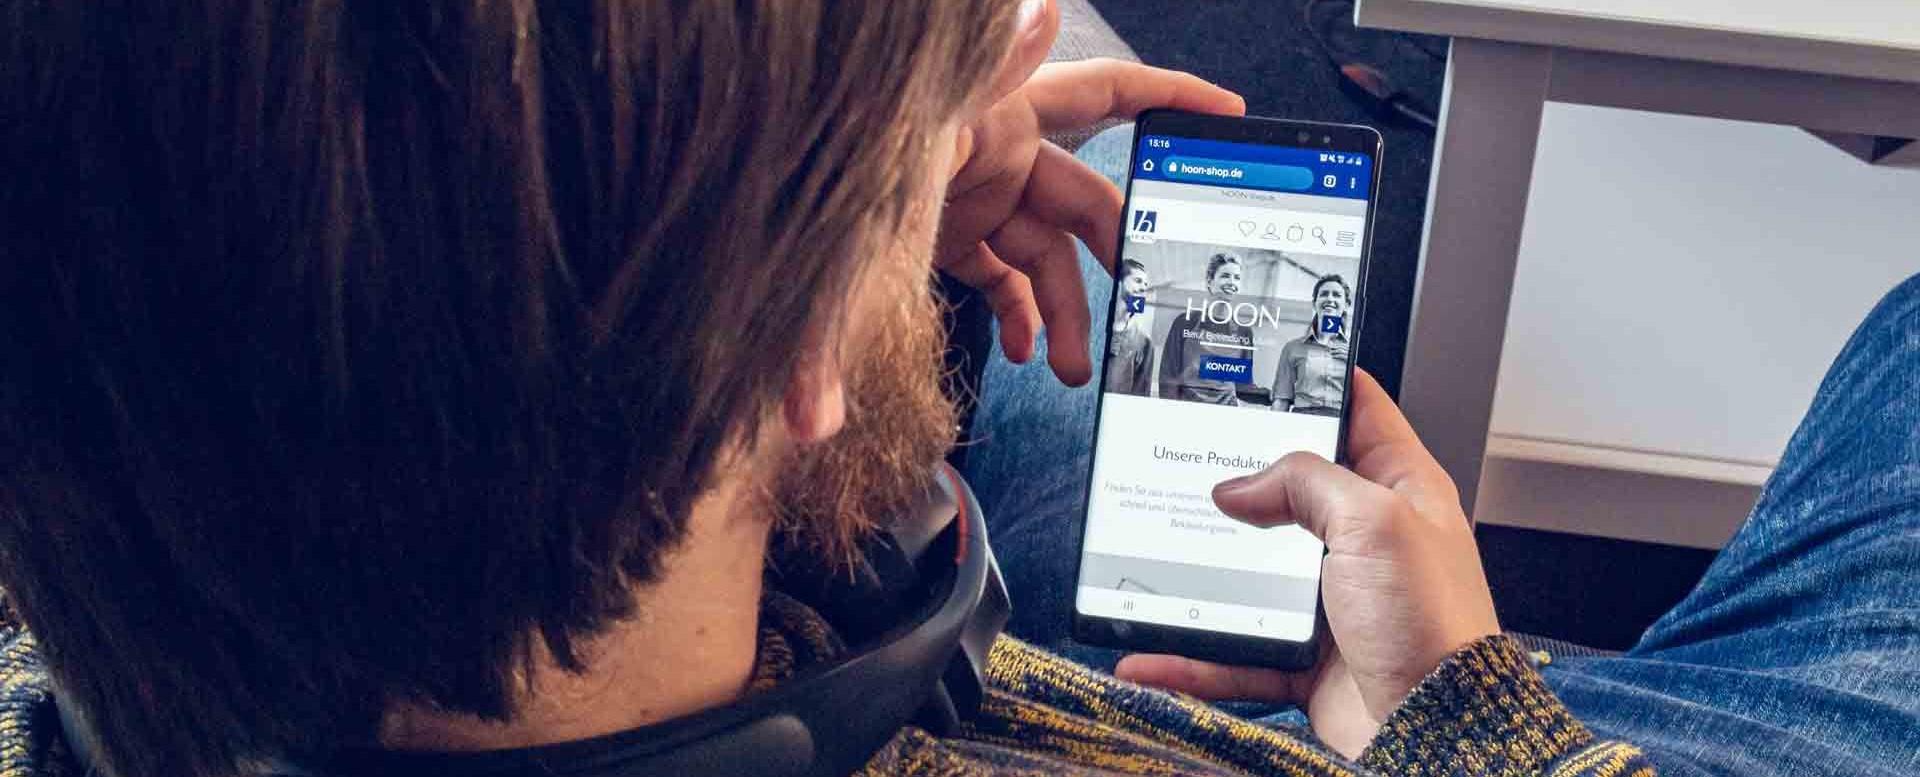 Hoon Onlineshop auf einem Smartphone abgebildet